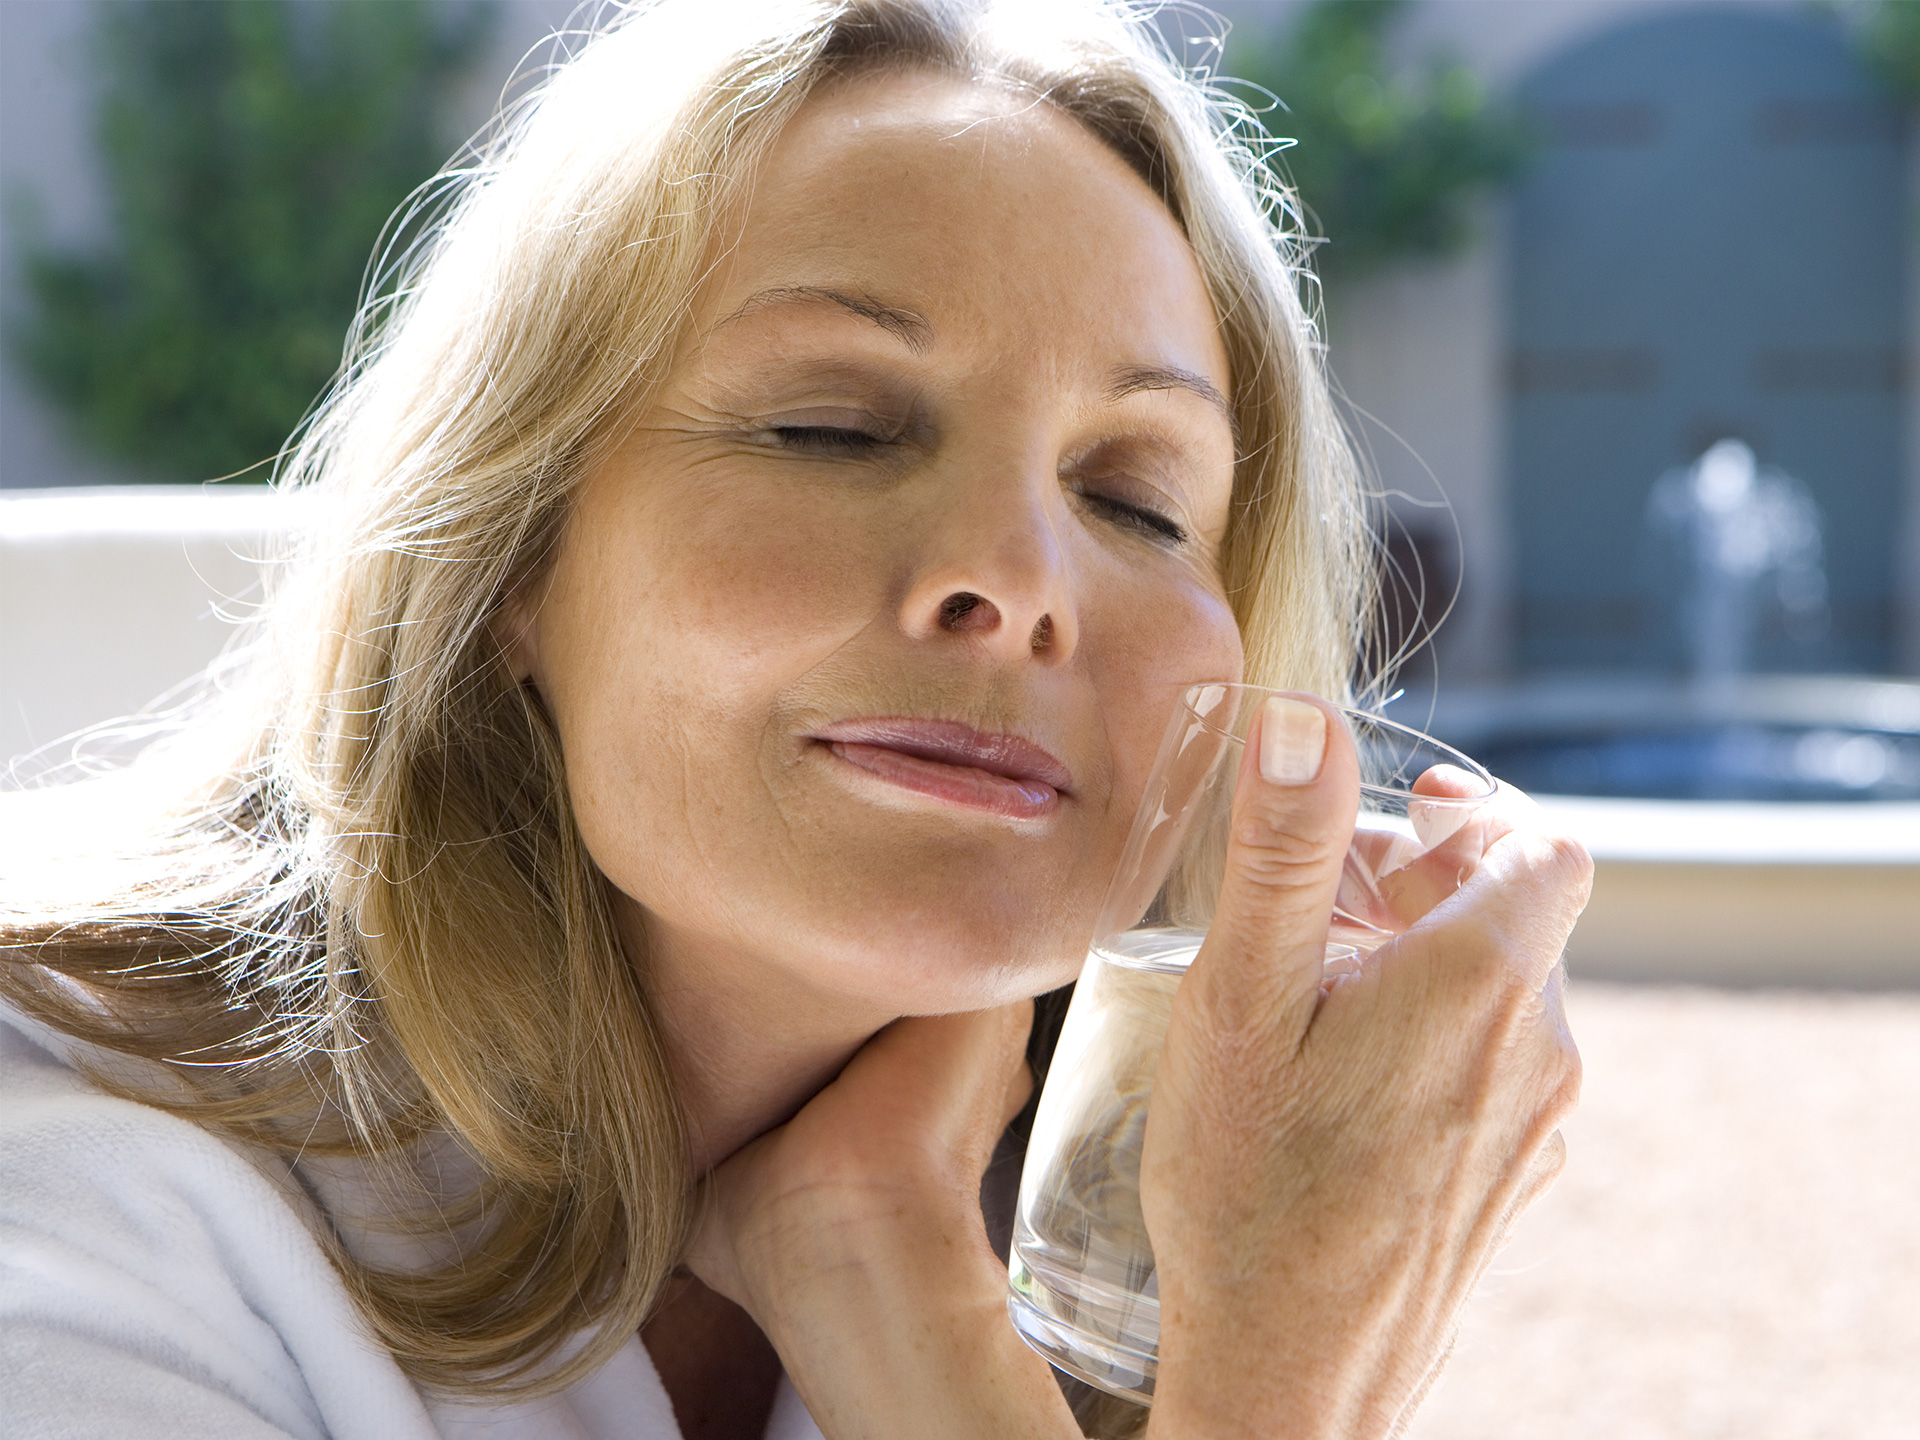 Pueraria Mirifica Natural Phytoestrogen - Menopause